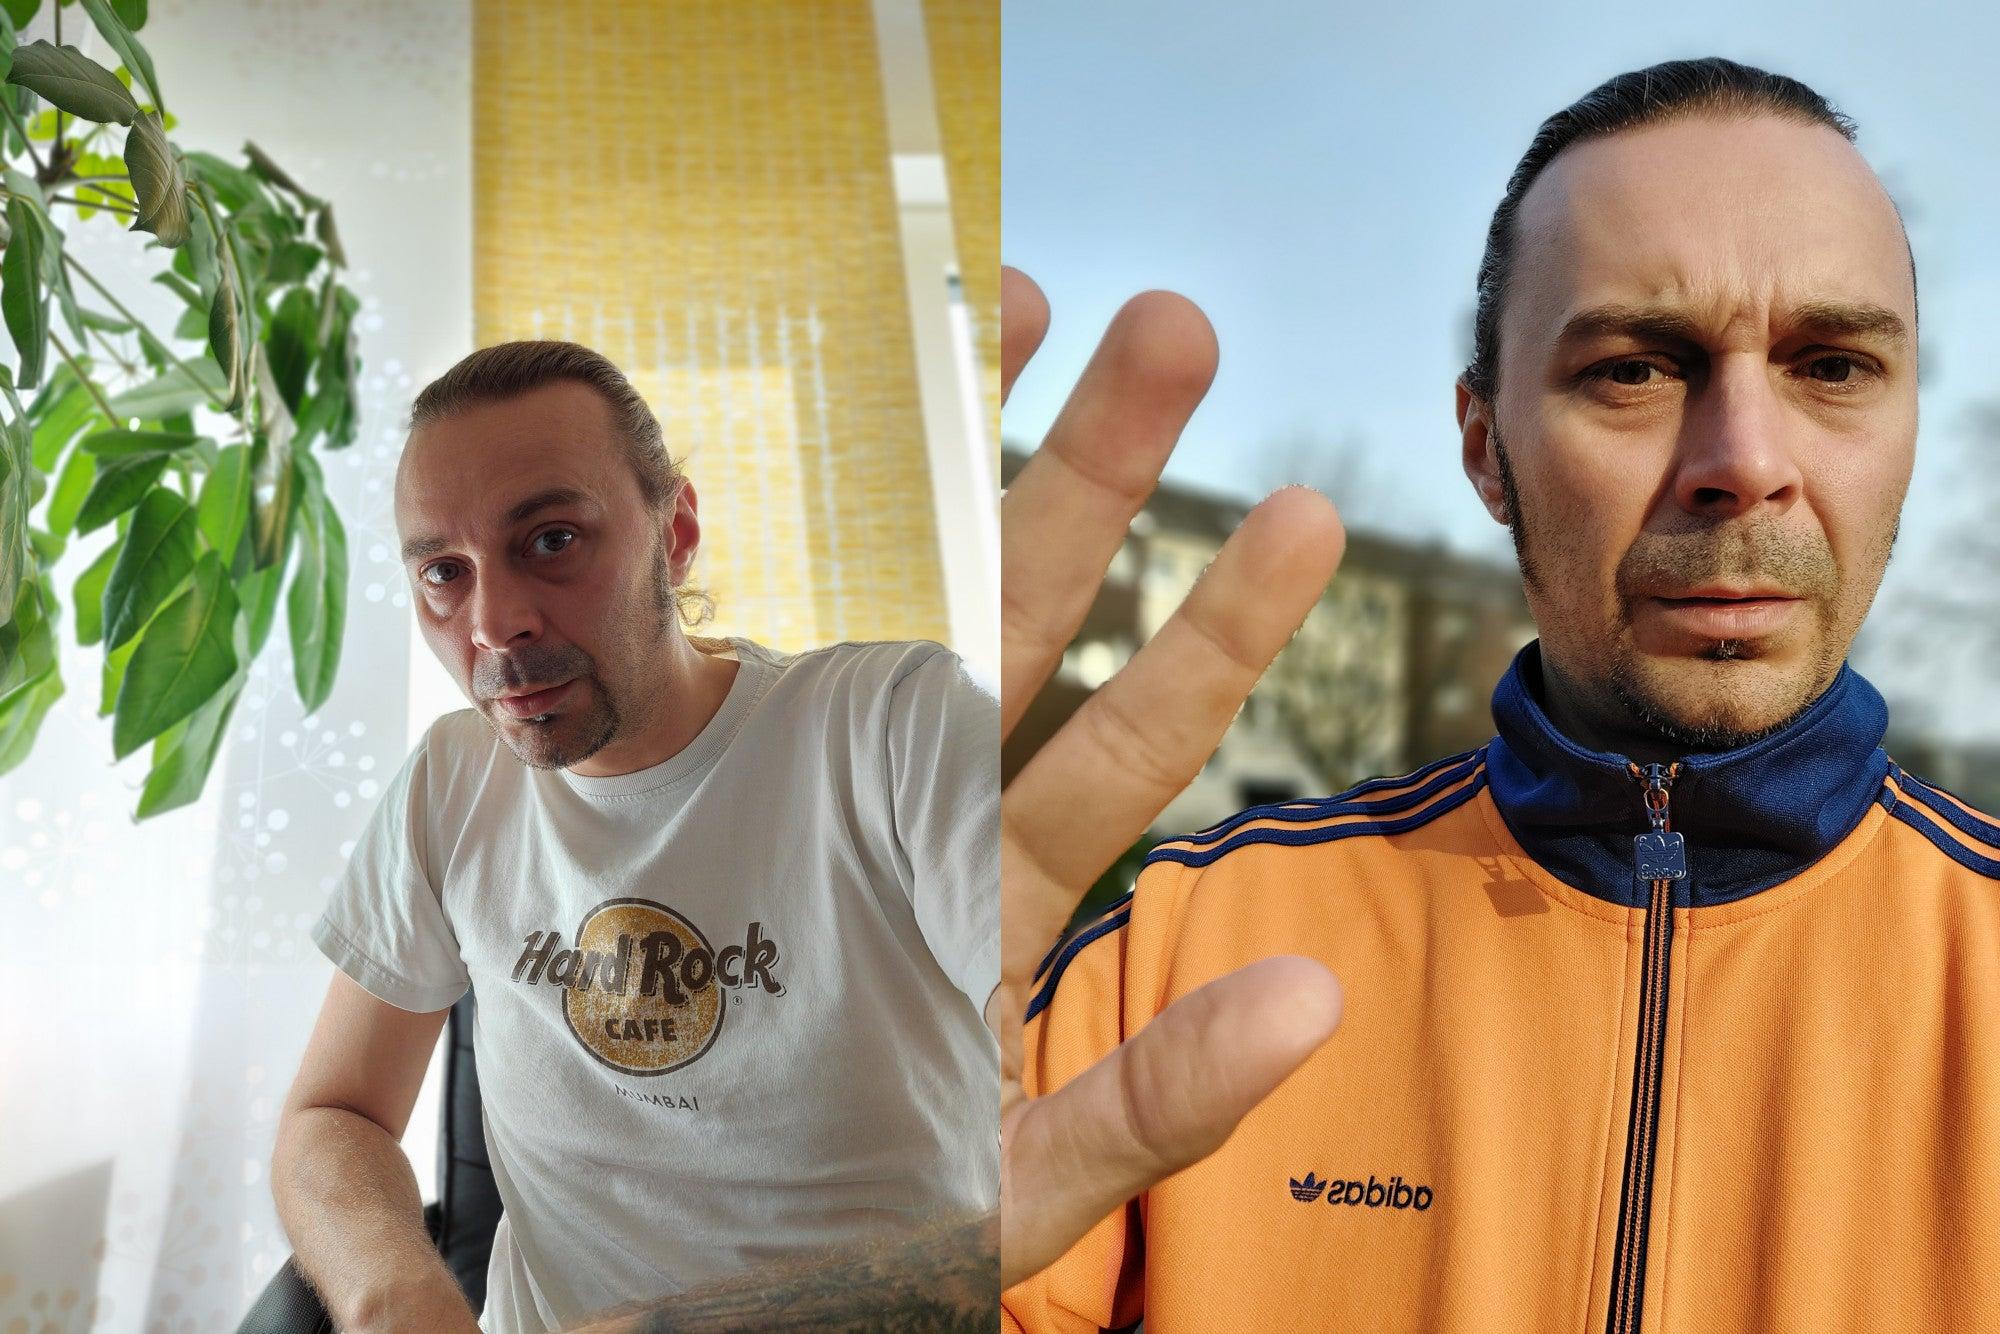 Links Porträt im Porträt-Modus, rechts mit der Selfie-Kamera